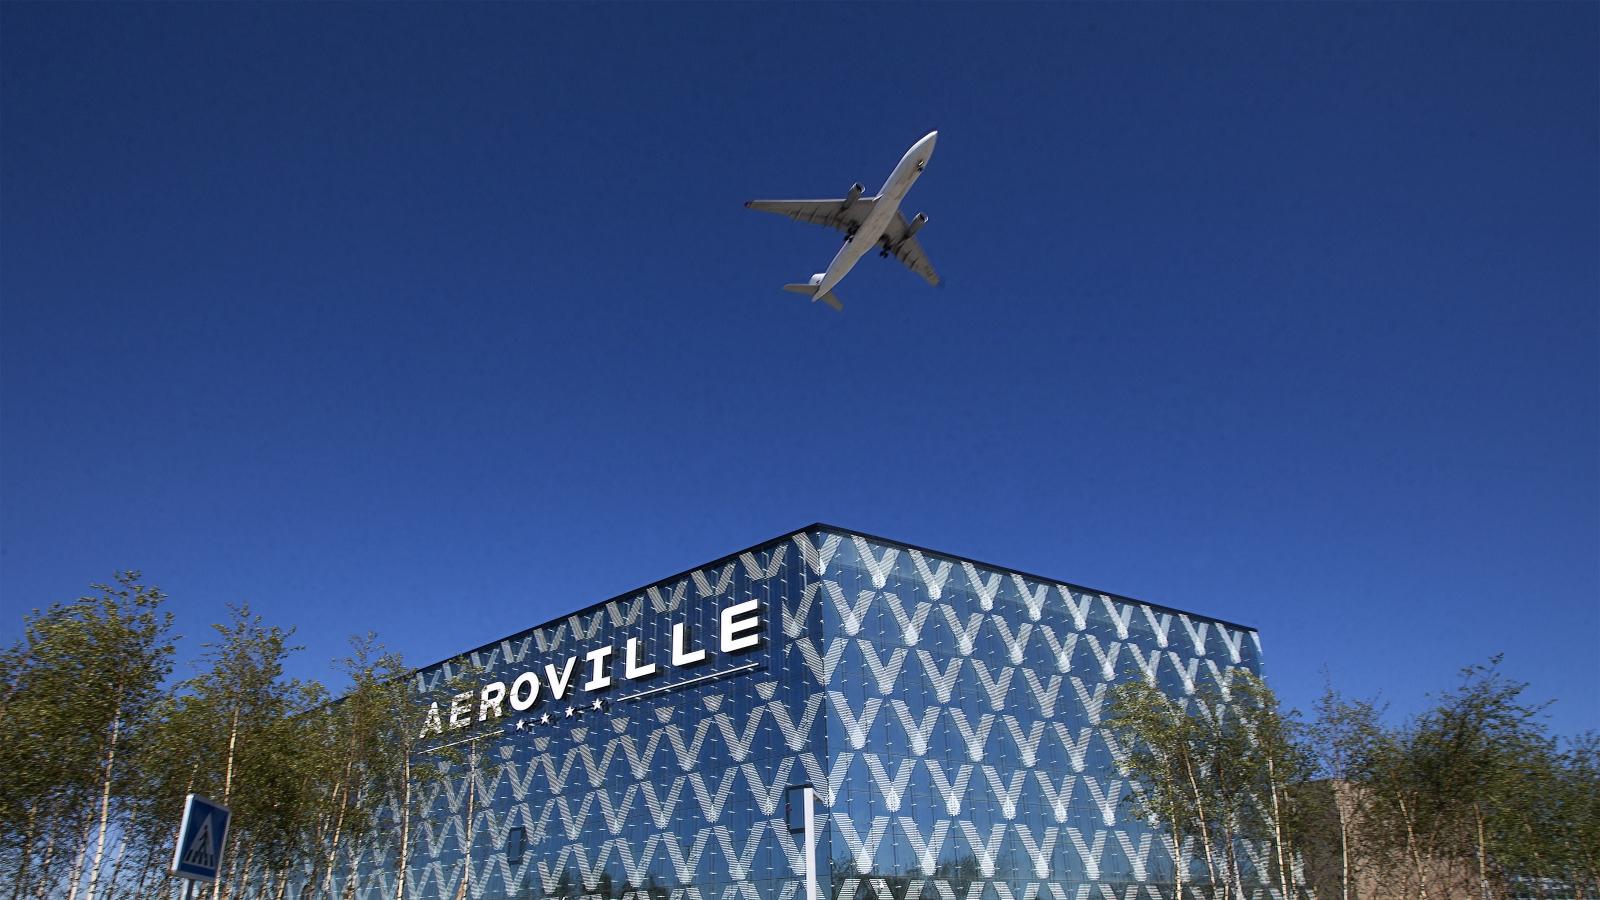 Un avion survolant Aéroville